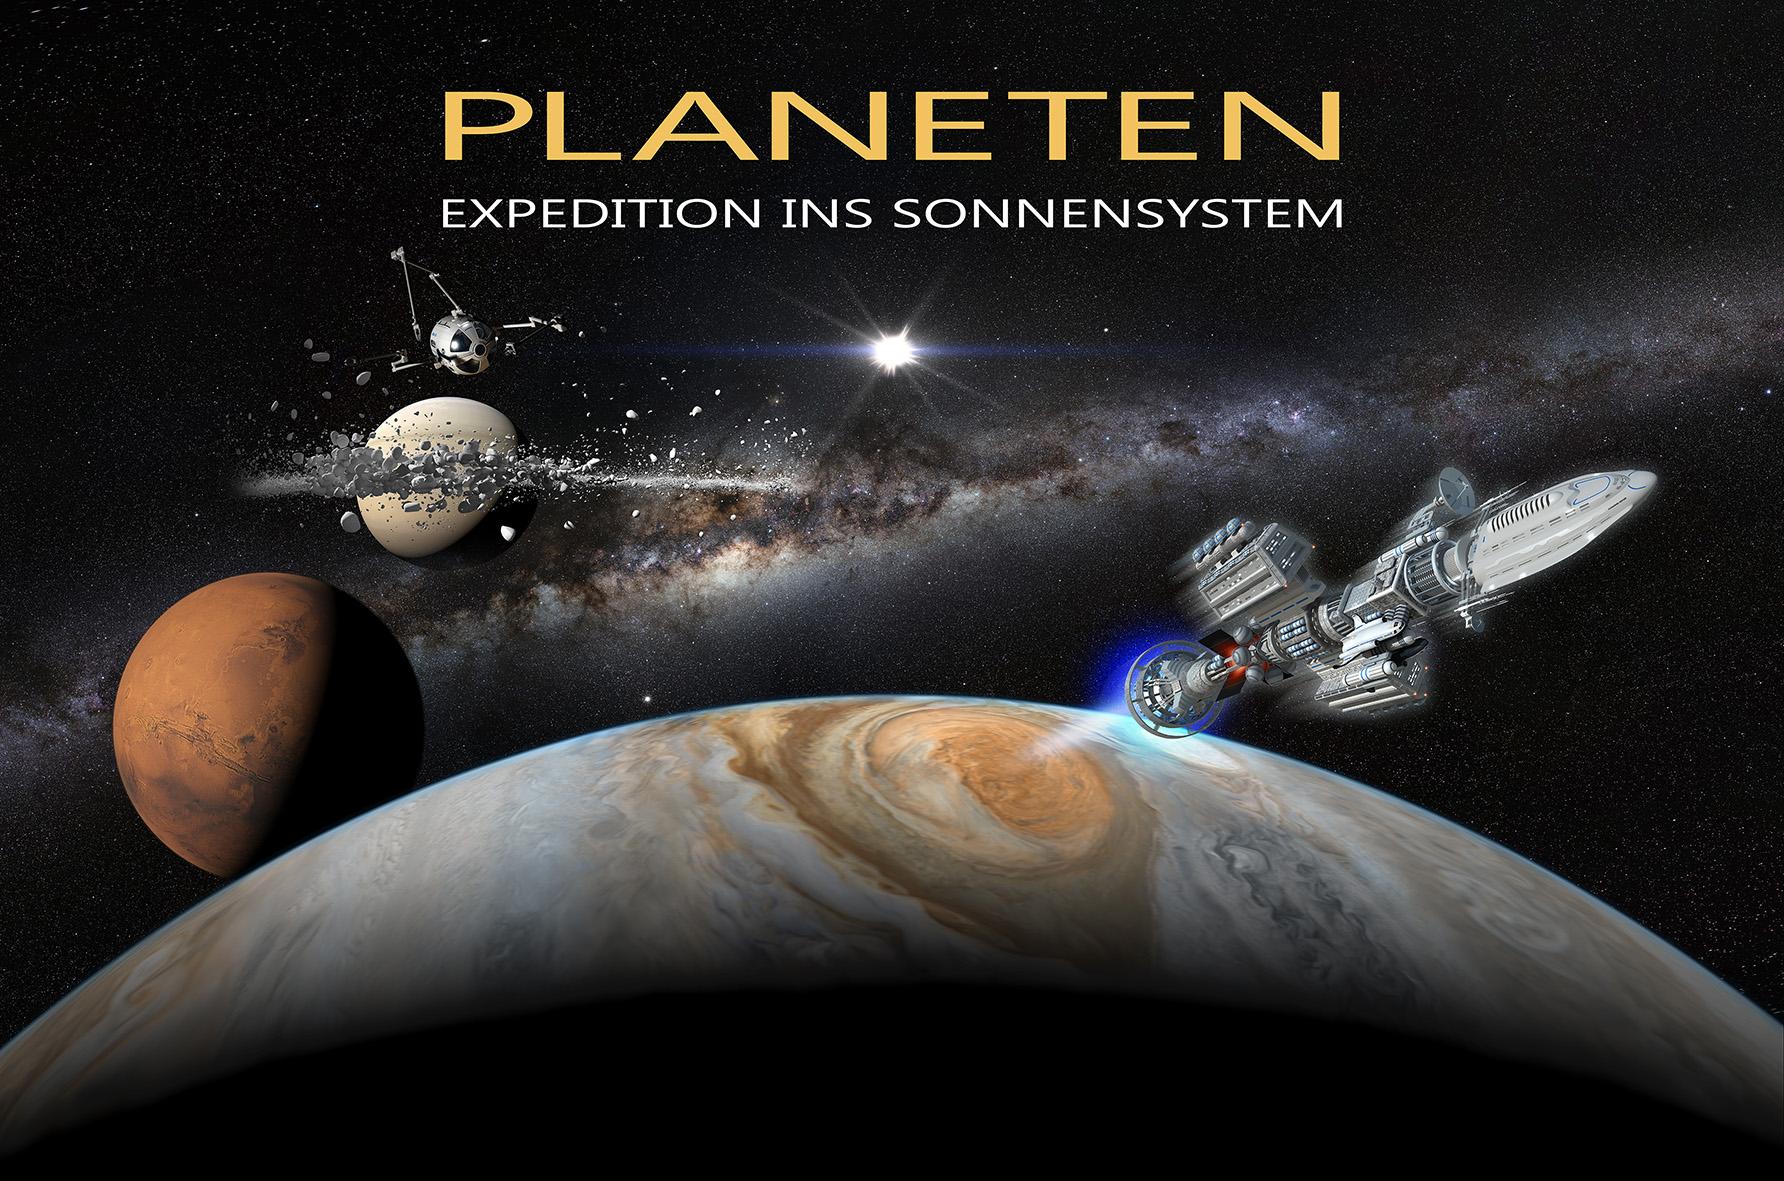 Bilddatei: Titelbild_Planeten_quer_30x20_rgb-kl(C)LWL,Perdok.jpg